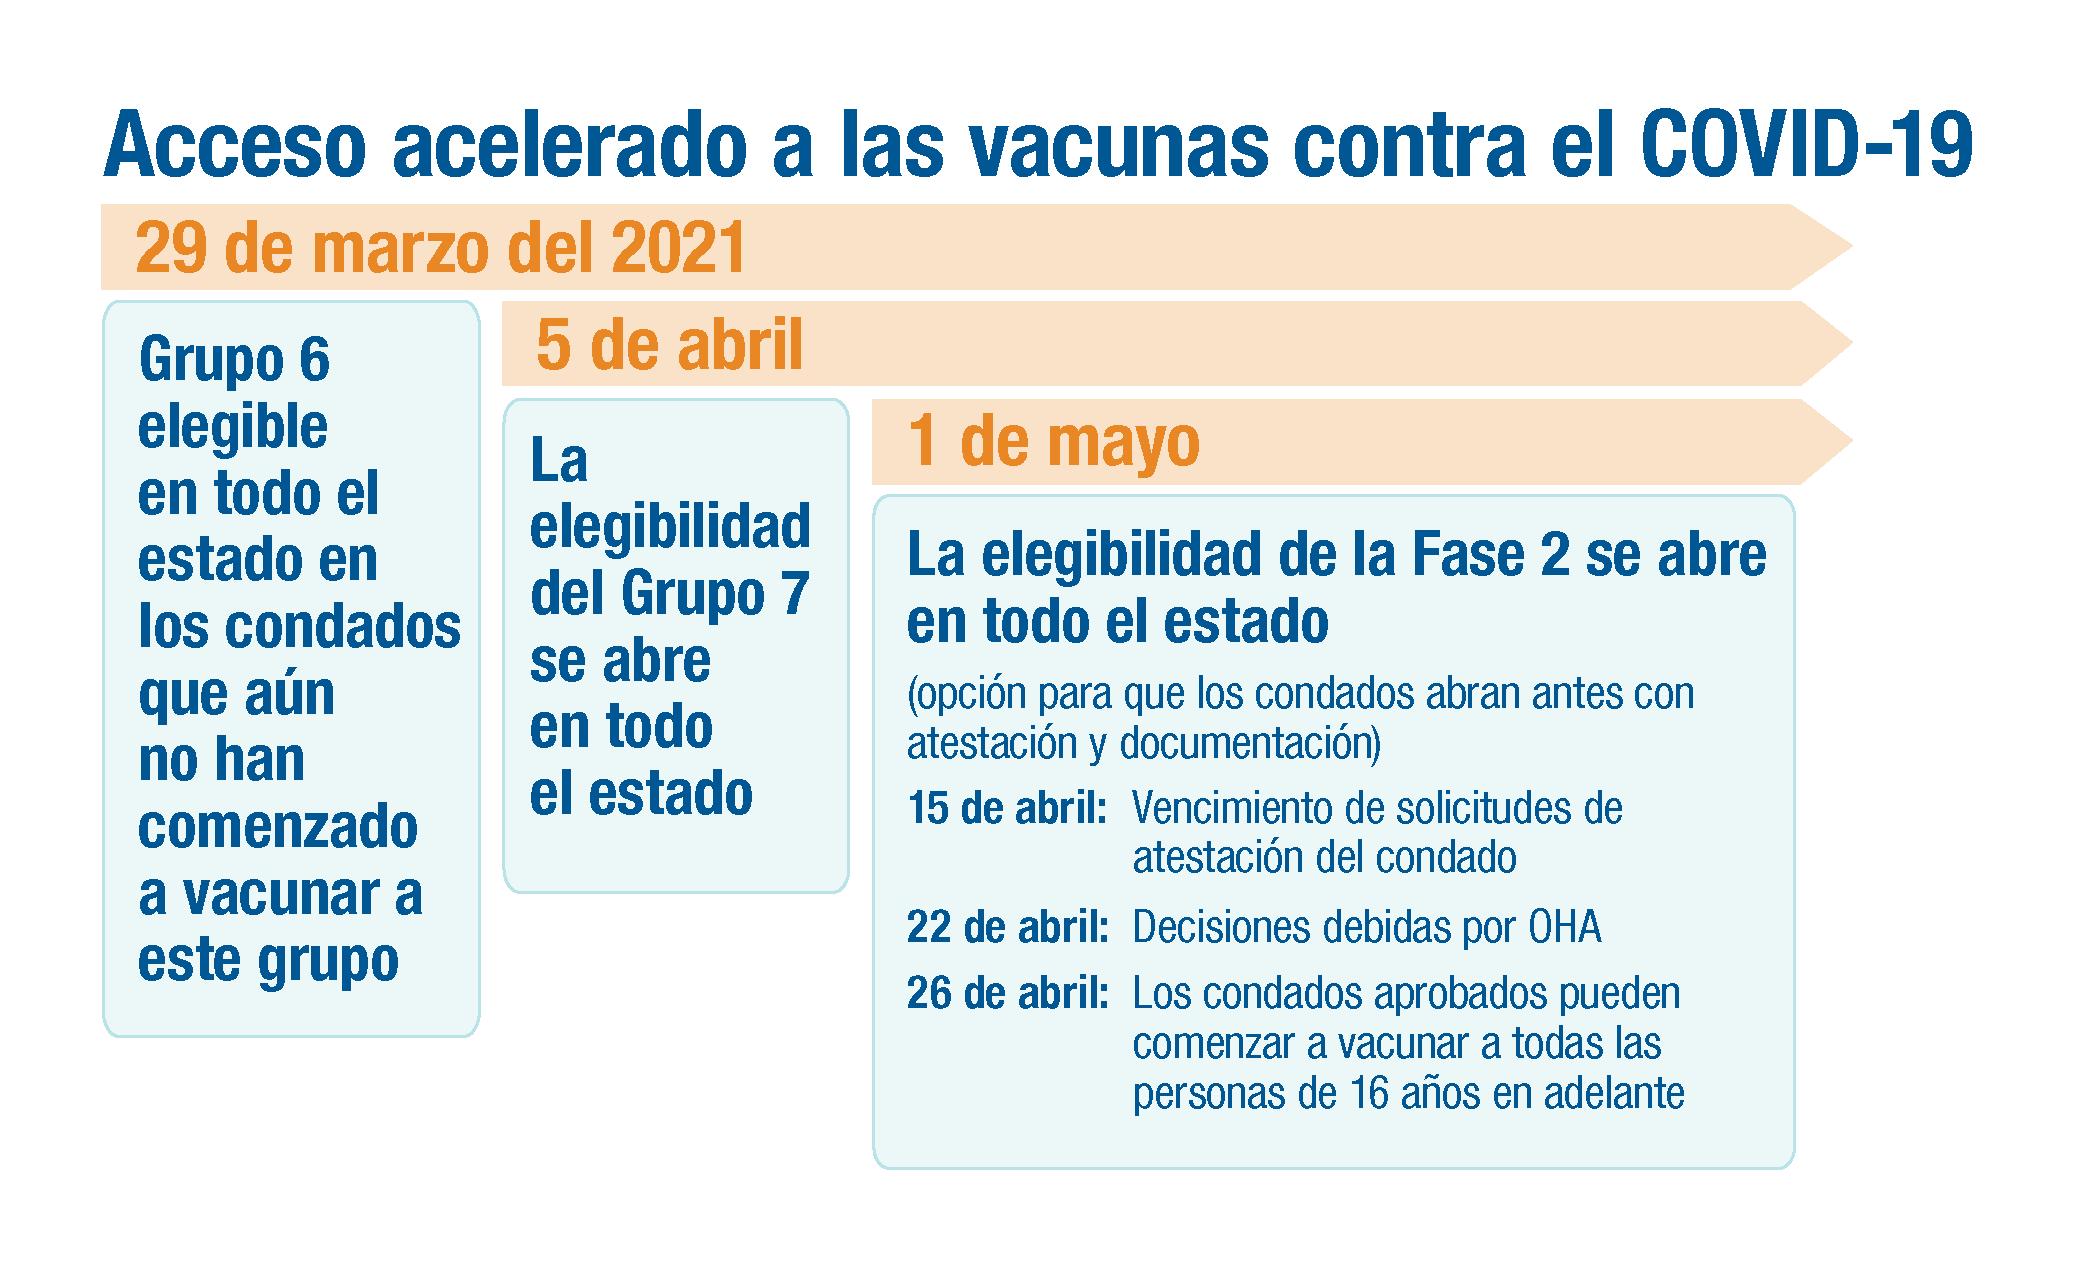 Personas en la Fase 1B, Grupo 6 son elegibles para recibir la vacuna contra el COVID-19